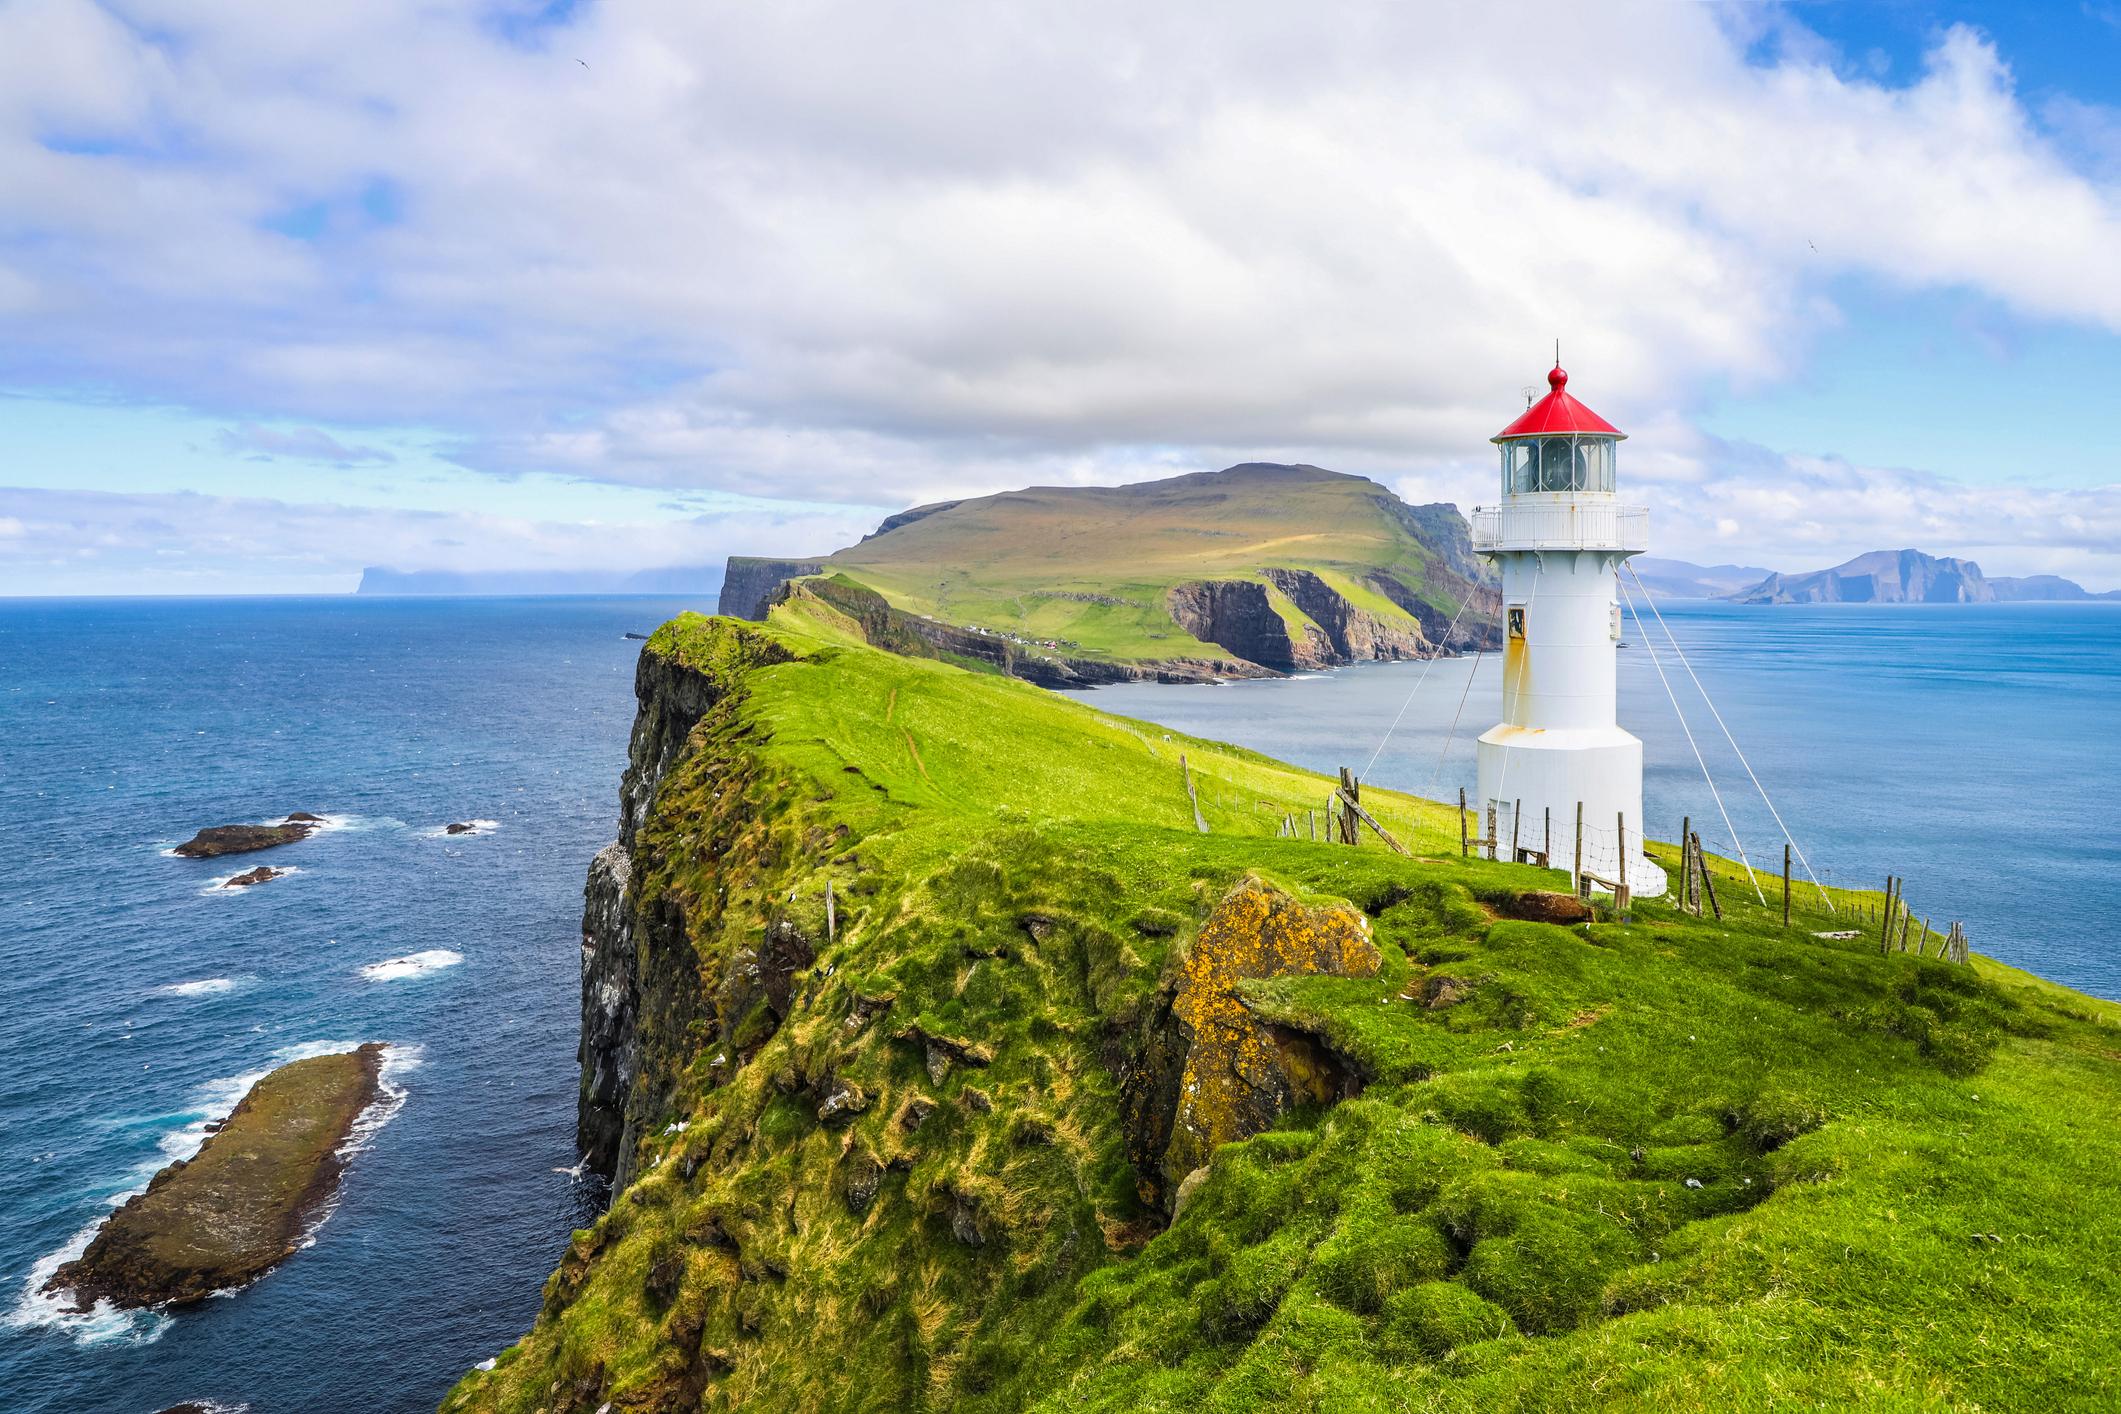 Virtuelle-Reisen-Färöer-Inseln